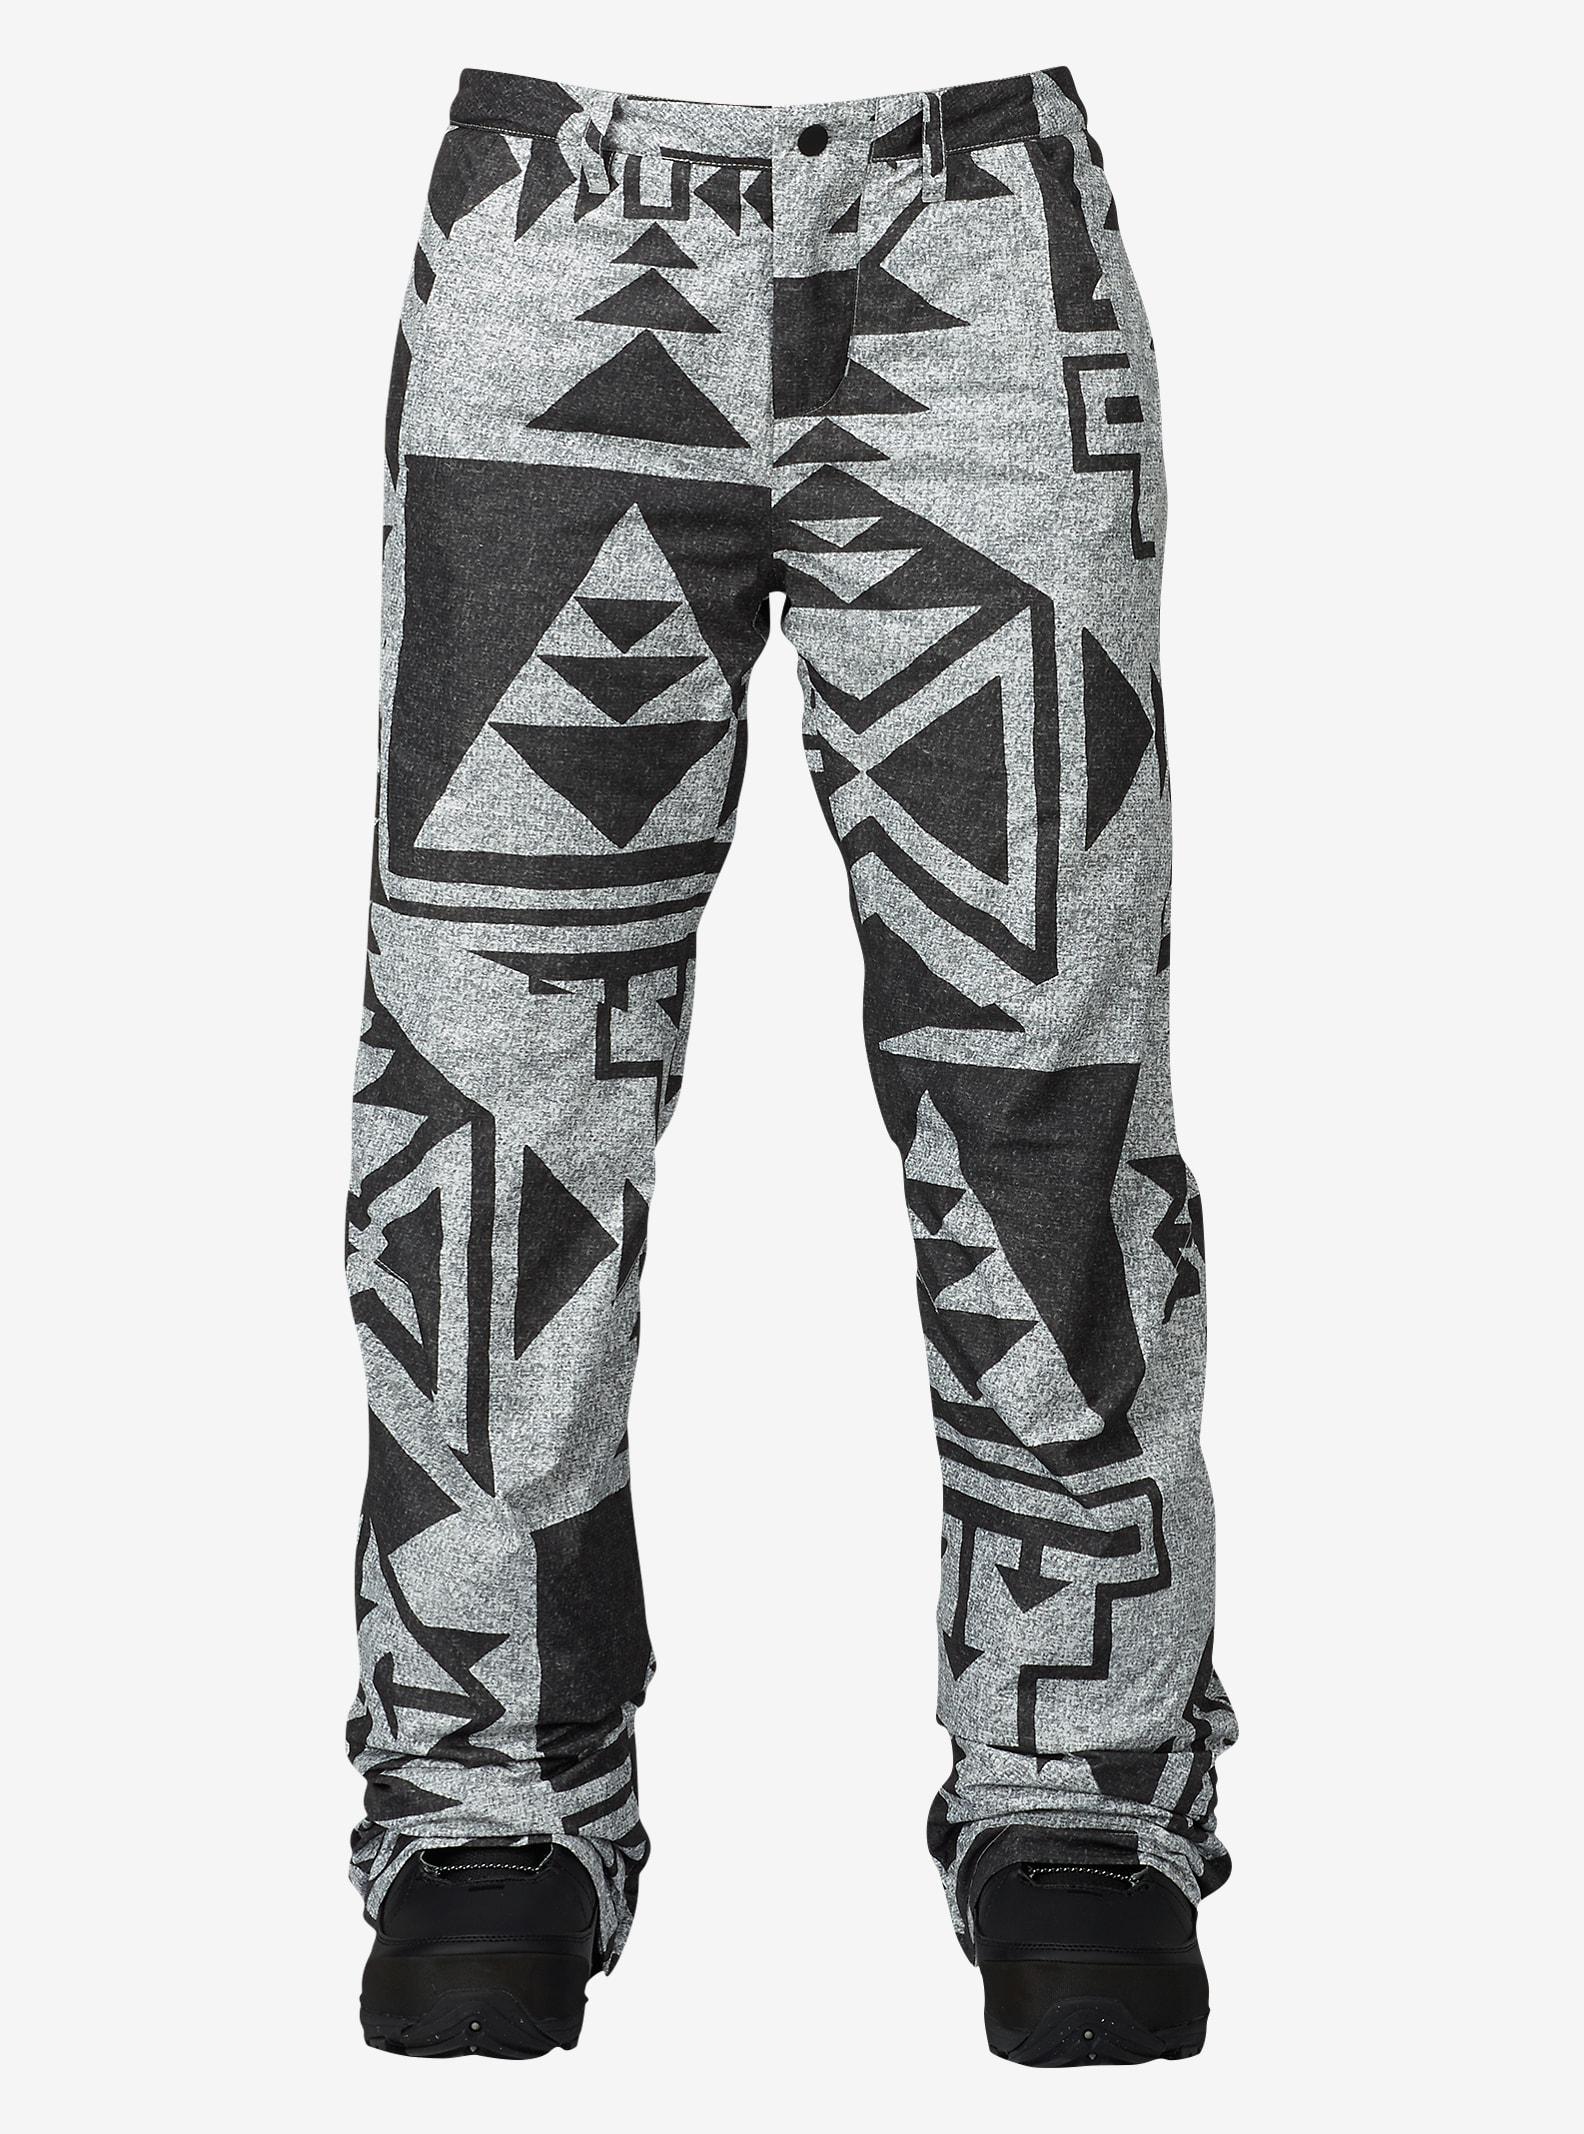 Burton - Pantalon GORE-TEX® Aero affichage en Neu Nordic